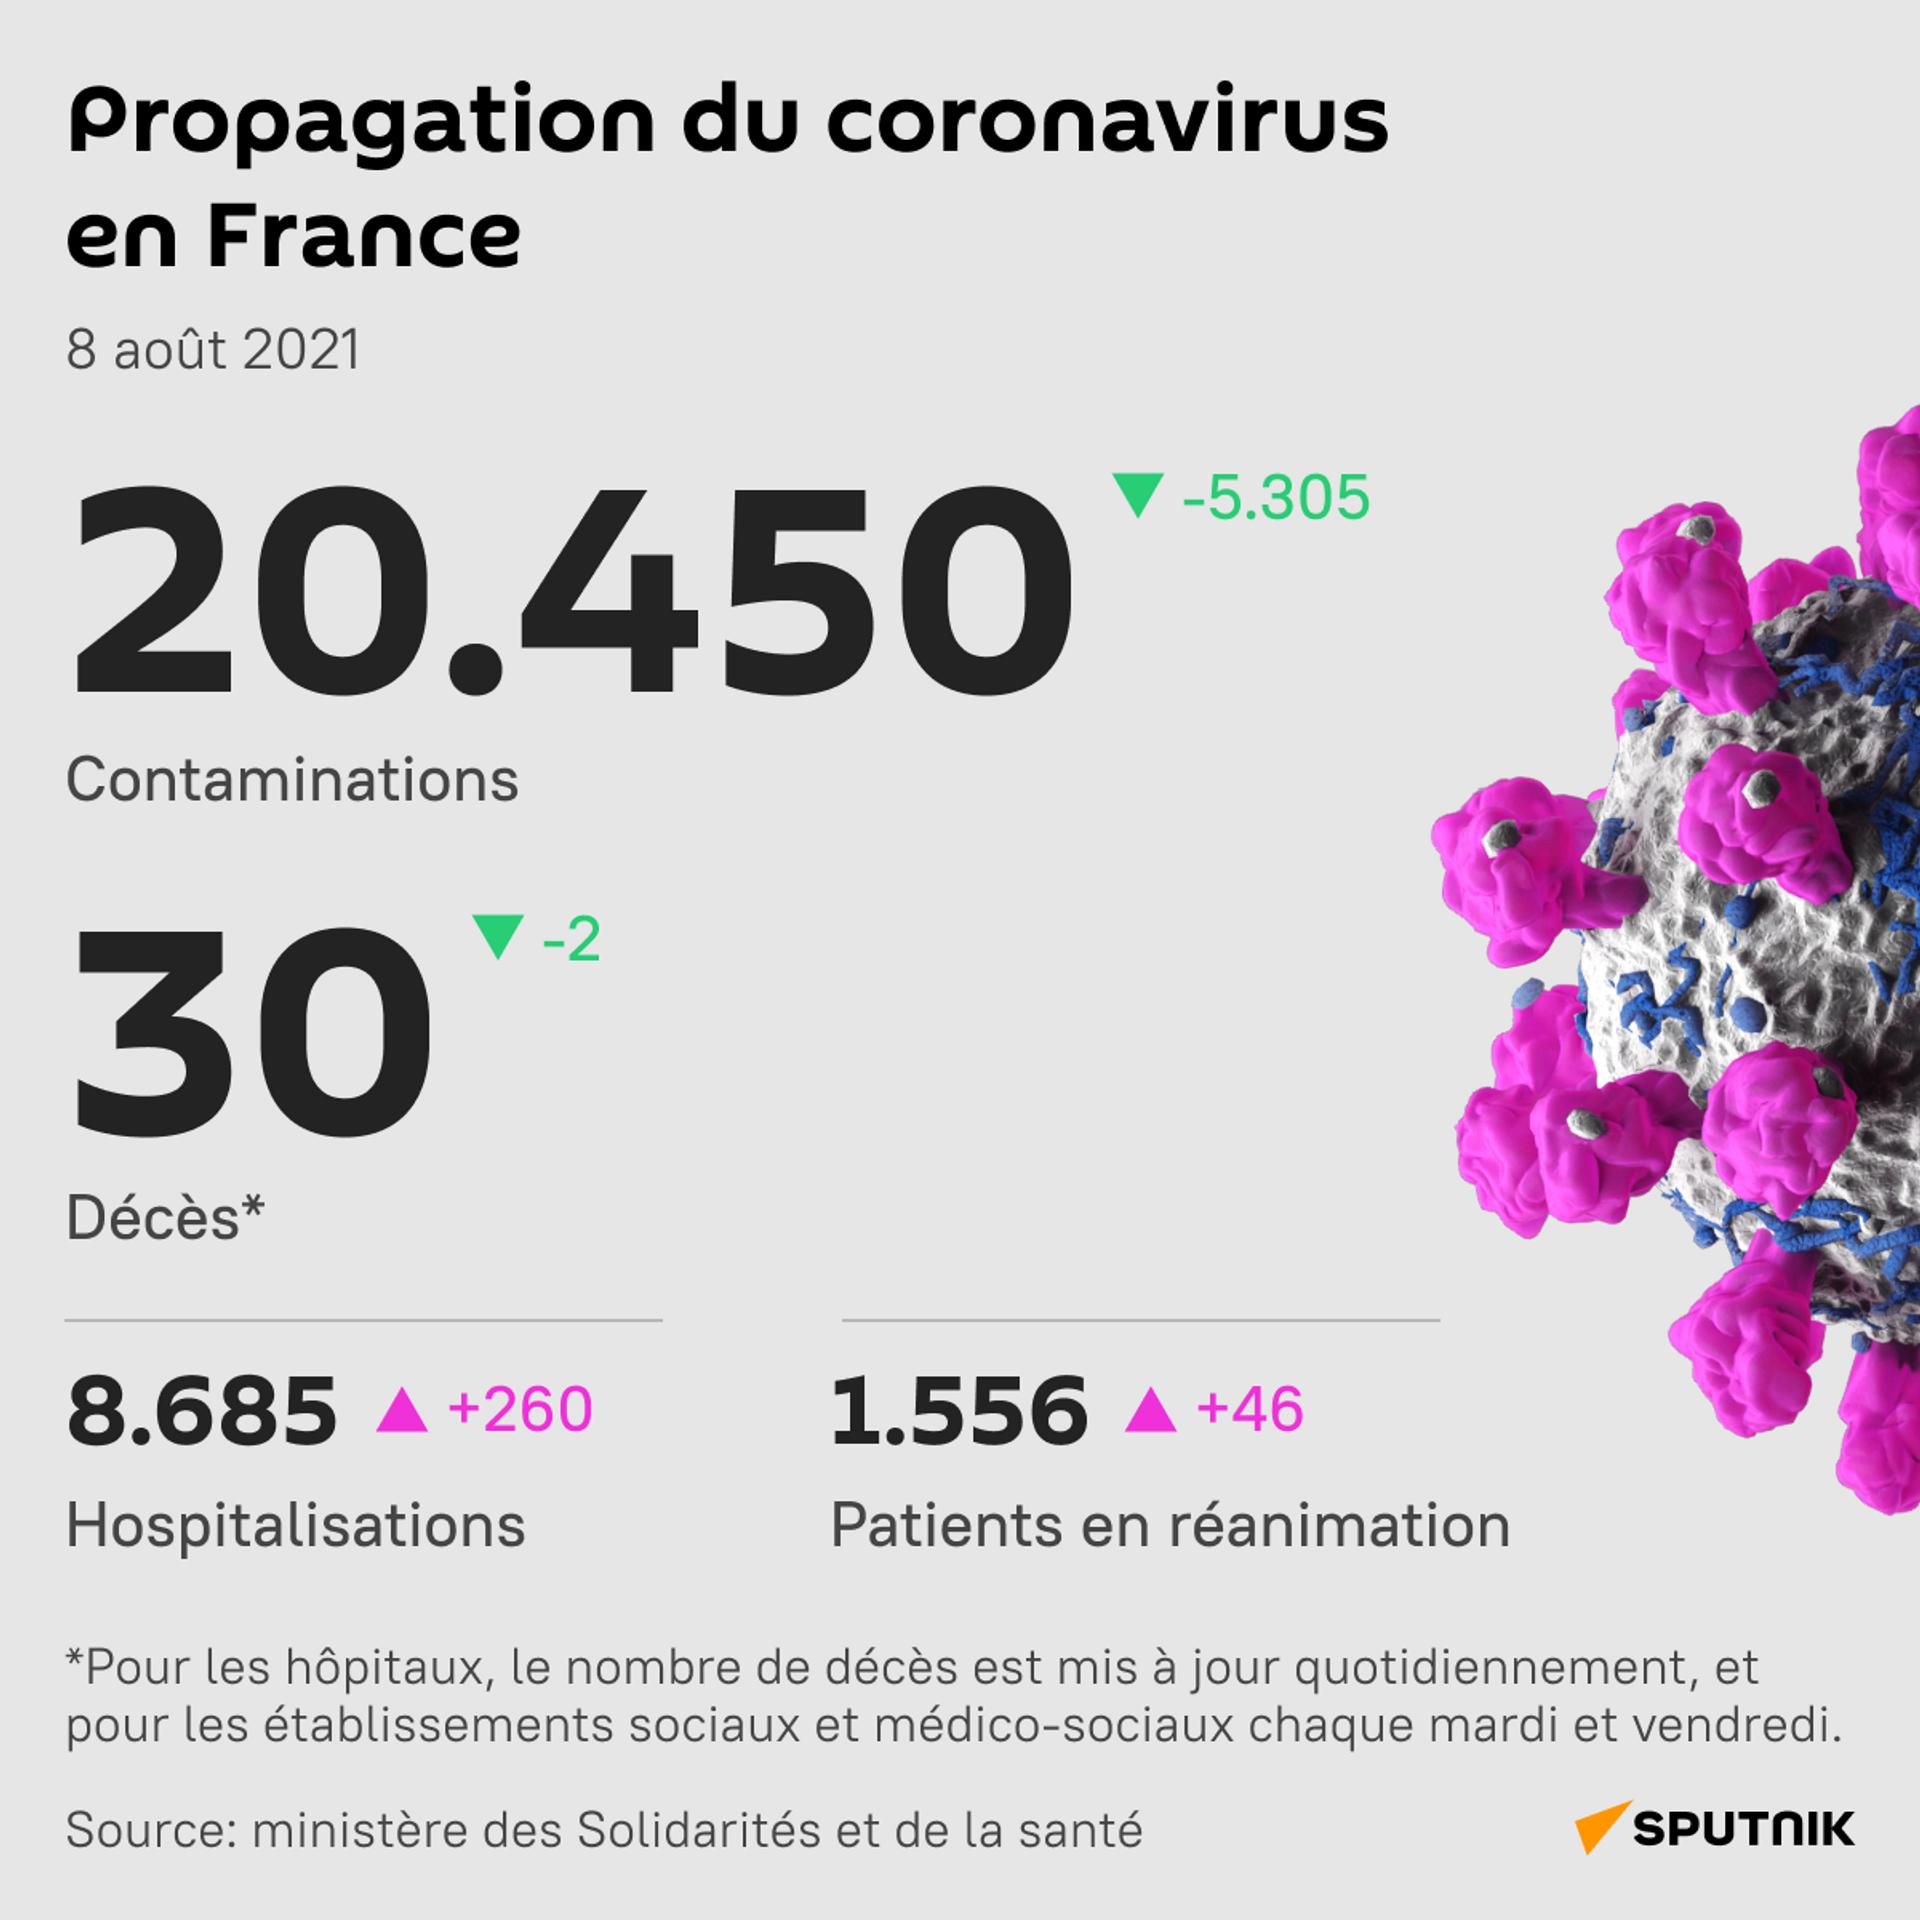 Propagation du coronavirus en France, 8 août 2021 - Sputnik France, 1920, 21.09.2021